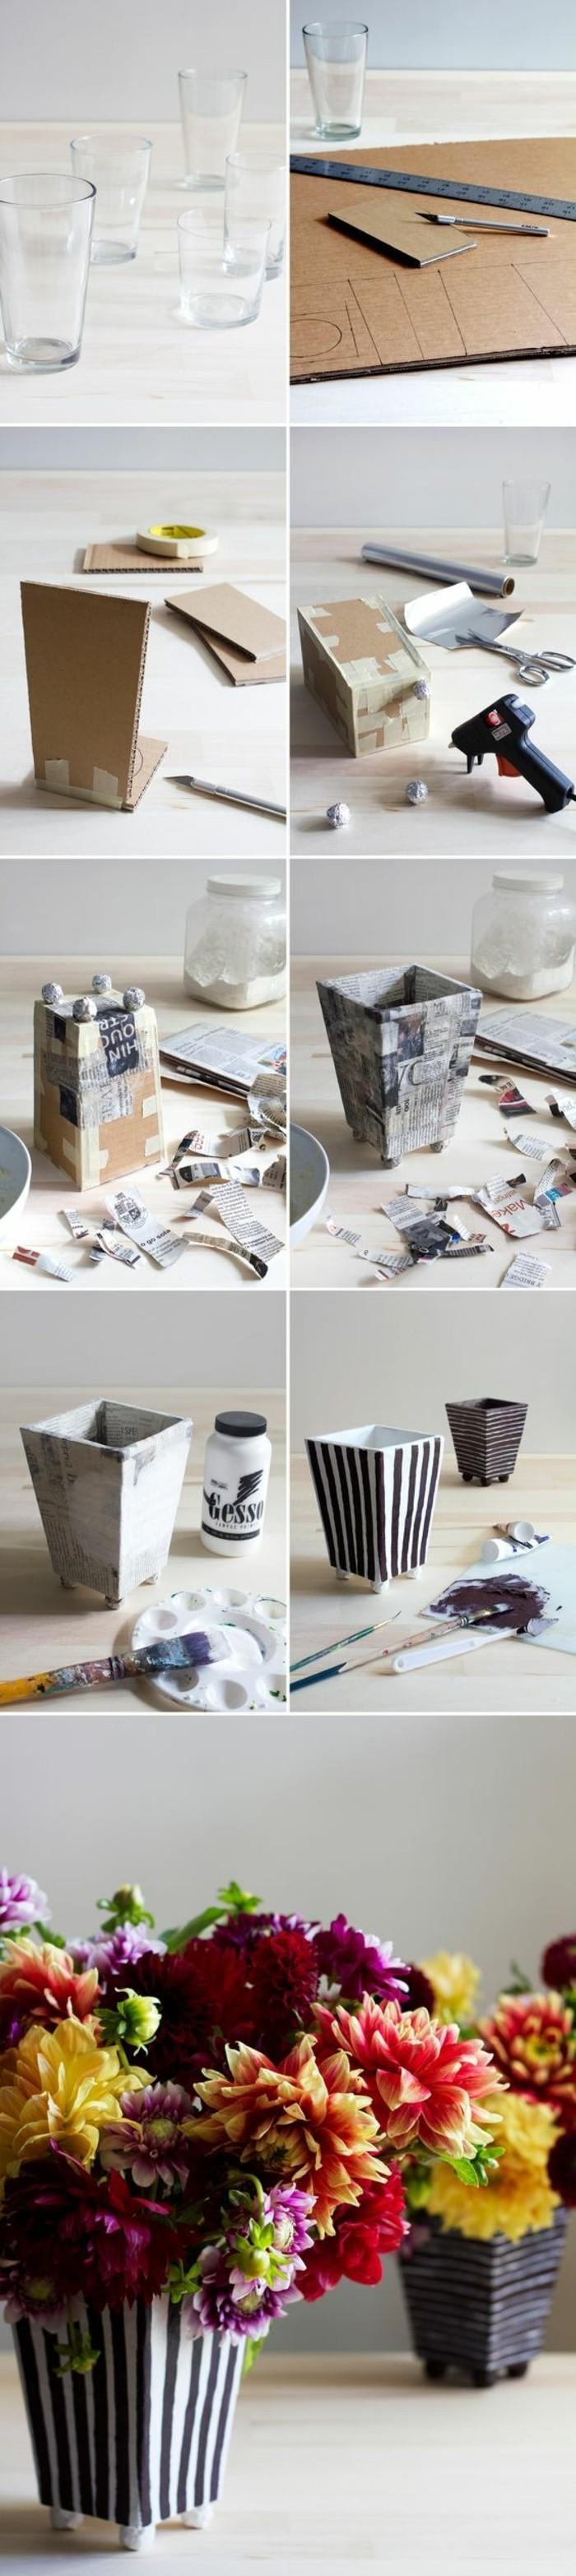 comment-faire-du-papier-maché-tutoriel-pour-créer-une-vase-idée-cadeau-fête-des-mères-à-faire-soi-même-resized